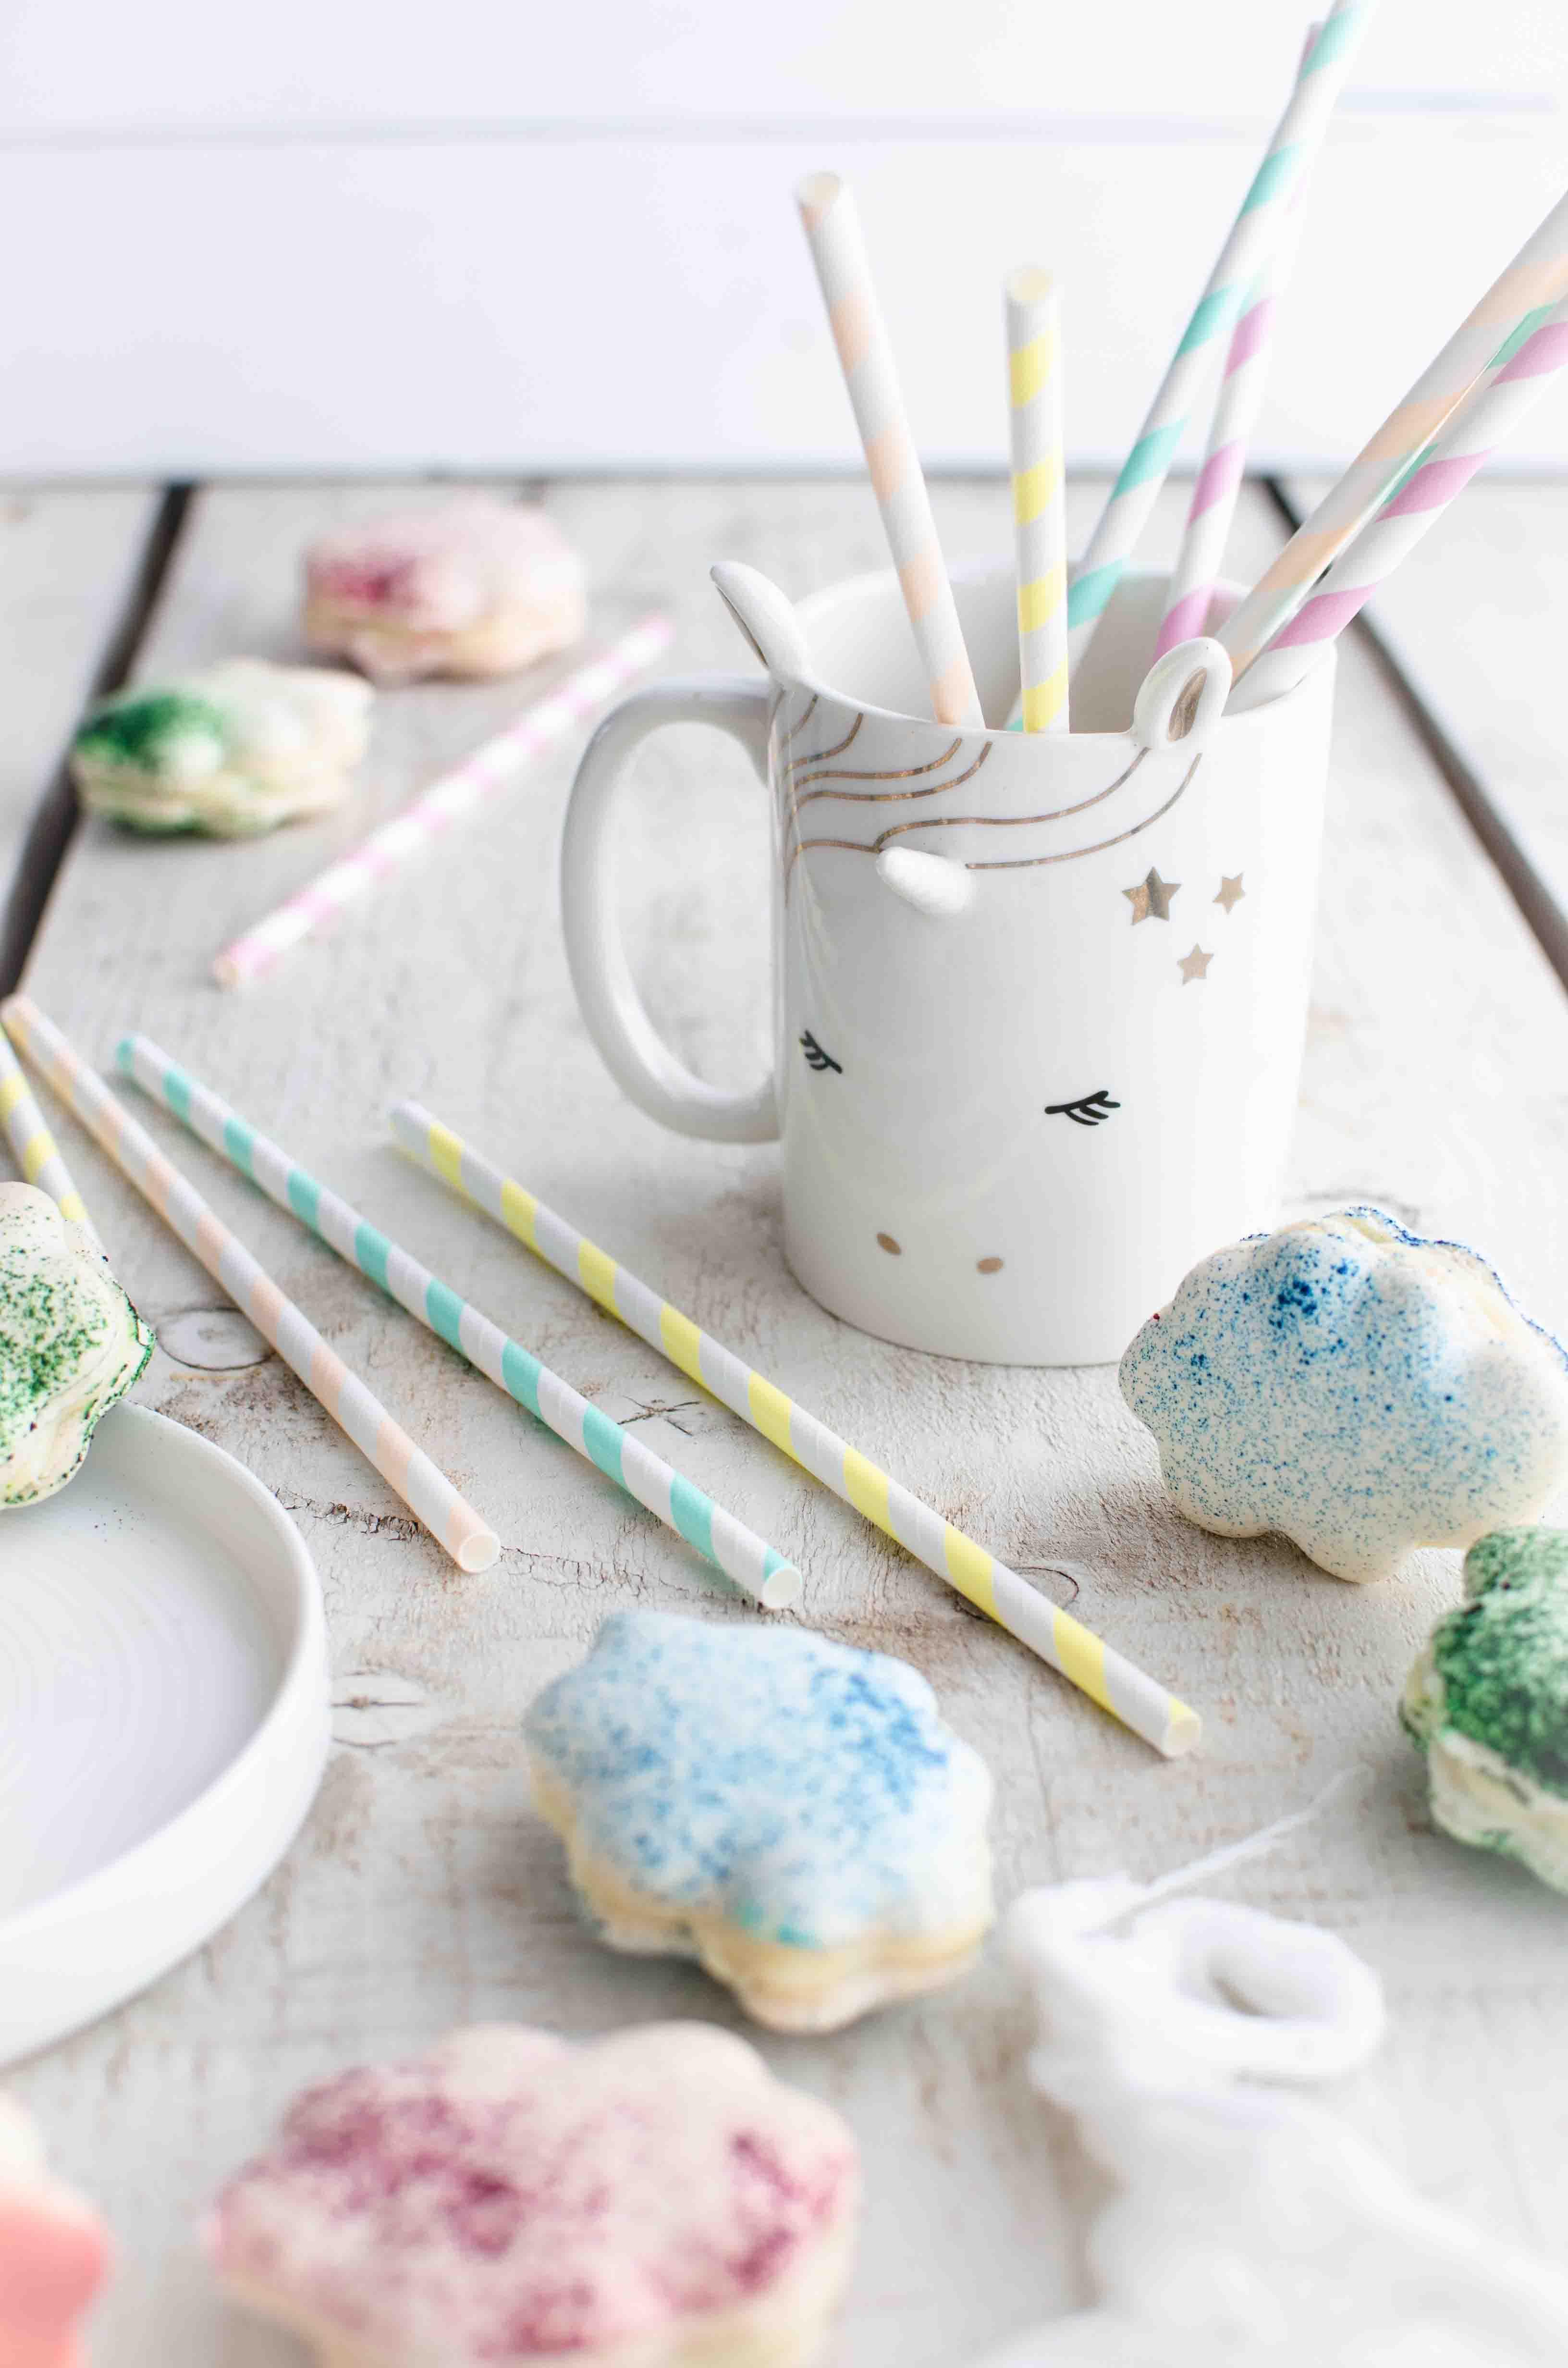 macarons-unicorn-rainbow Macarons nuvoletta al cioccolato bianco, lavanda e pesche